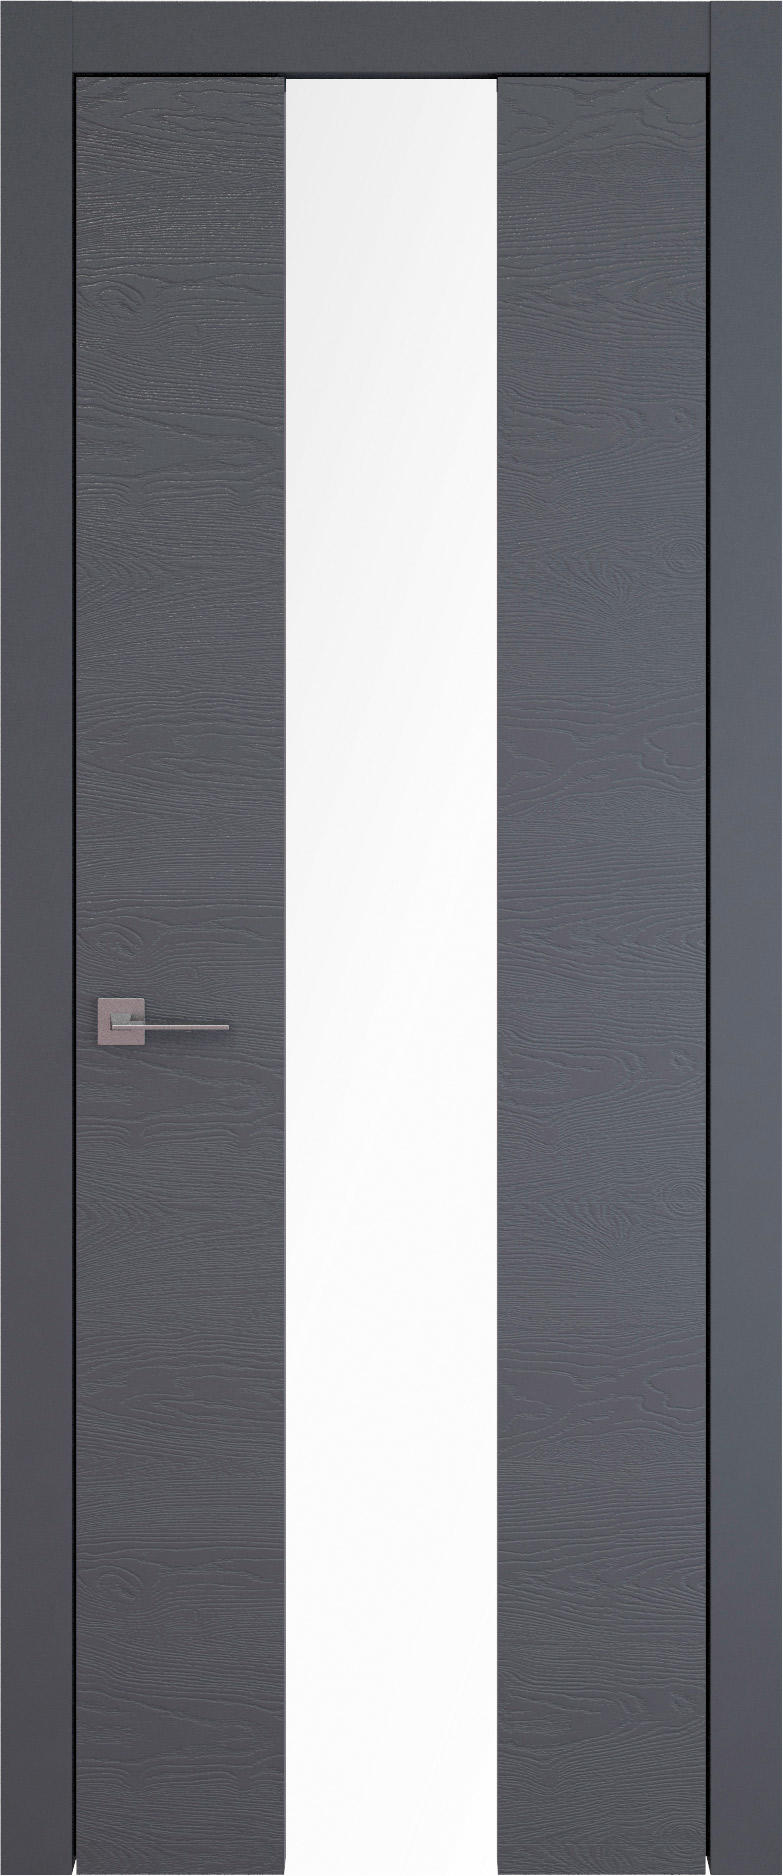 Tivoli Ж-5 цвет - Графитово-серая эмаль по шпону (RAL 7024) Со стеклом (ДО)